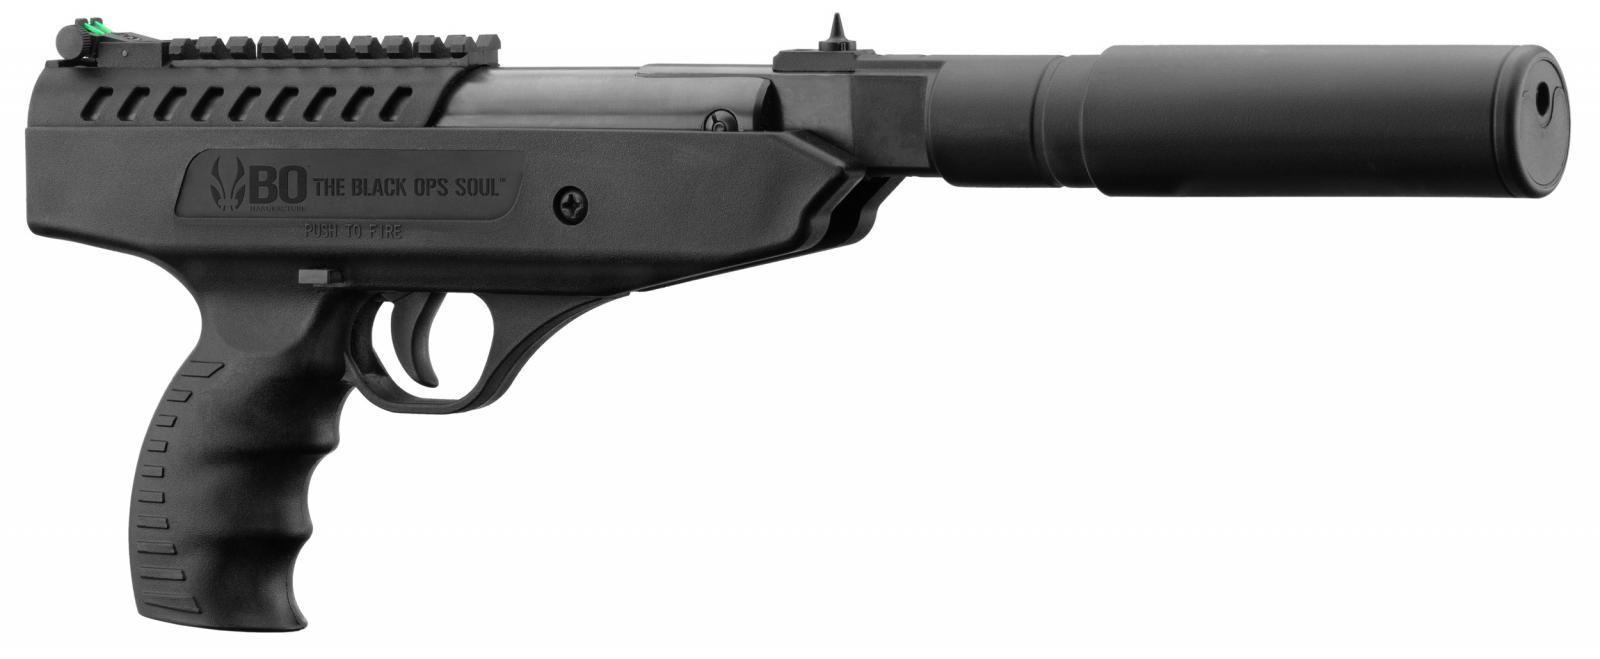 Pistolet à air comprimé BO Langley Silencer cal. 4.5 mm <10 J